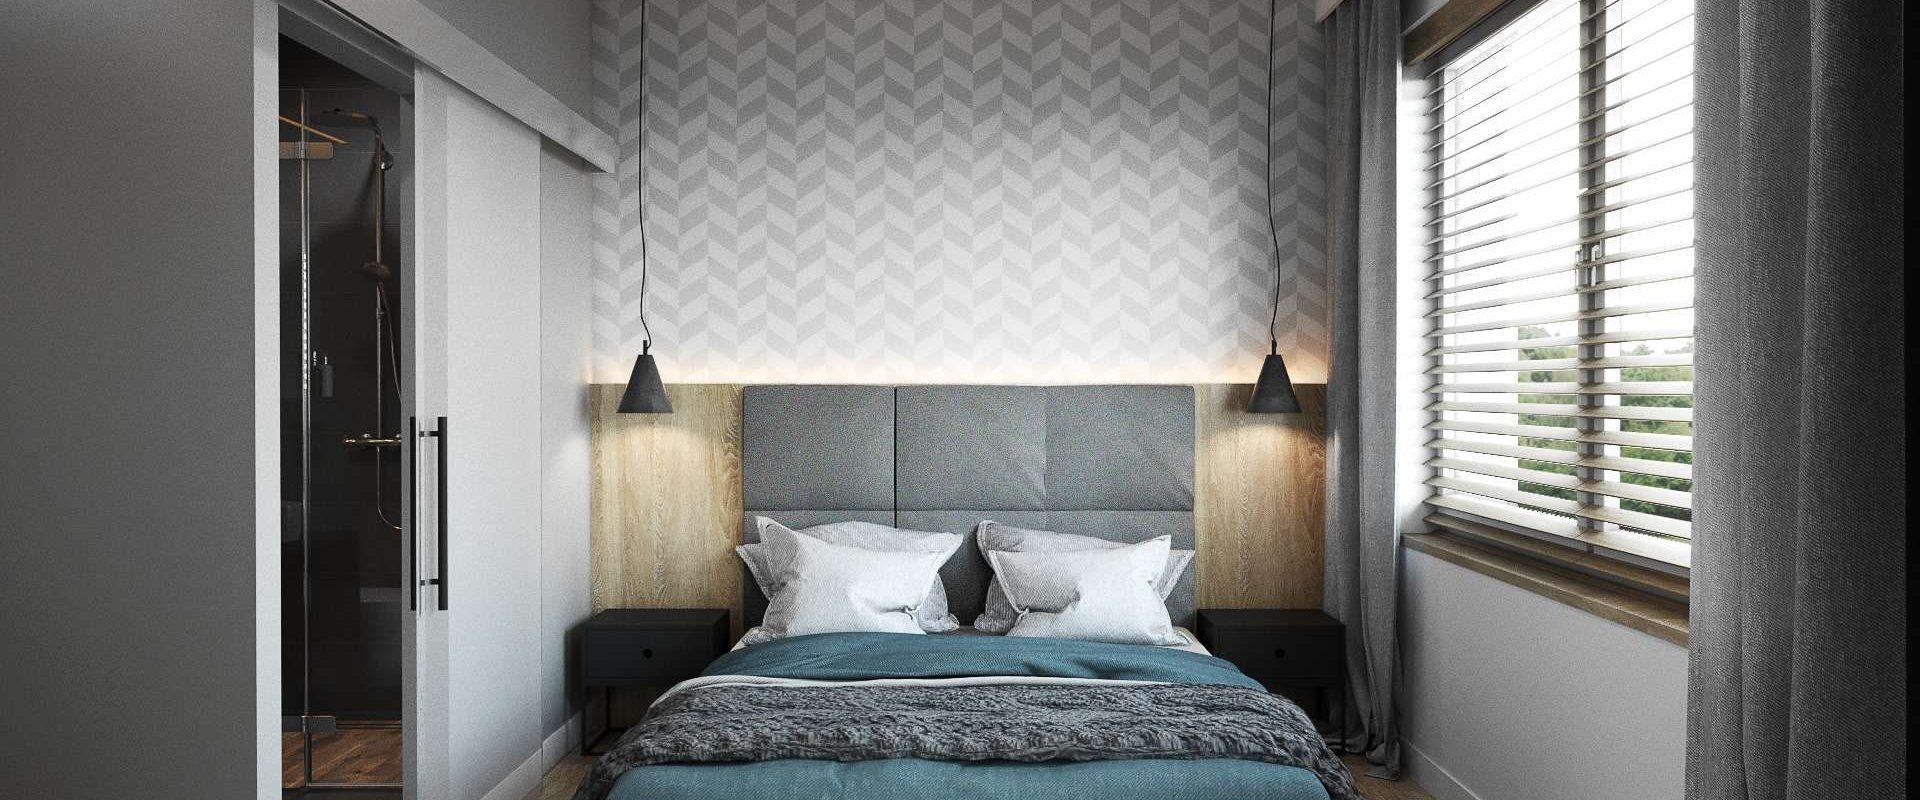 sypialnia przestrzenie